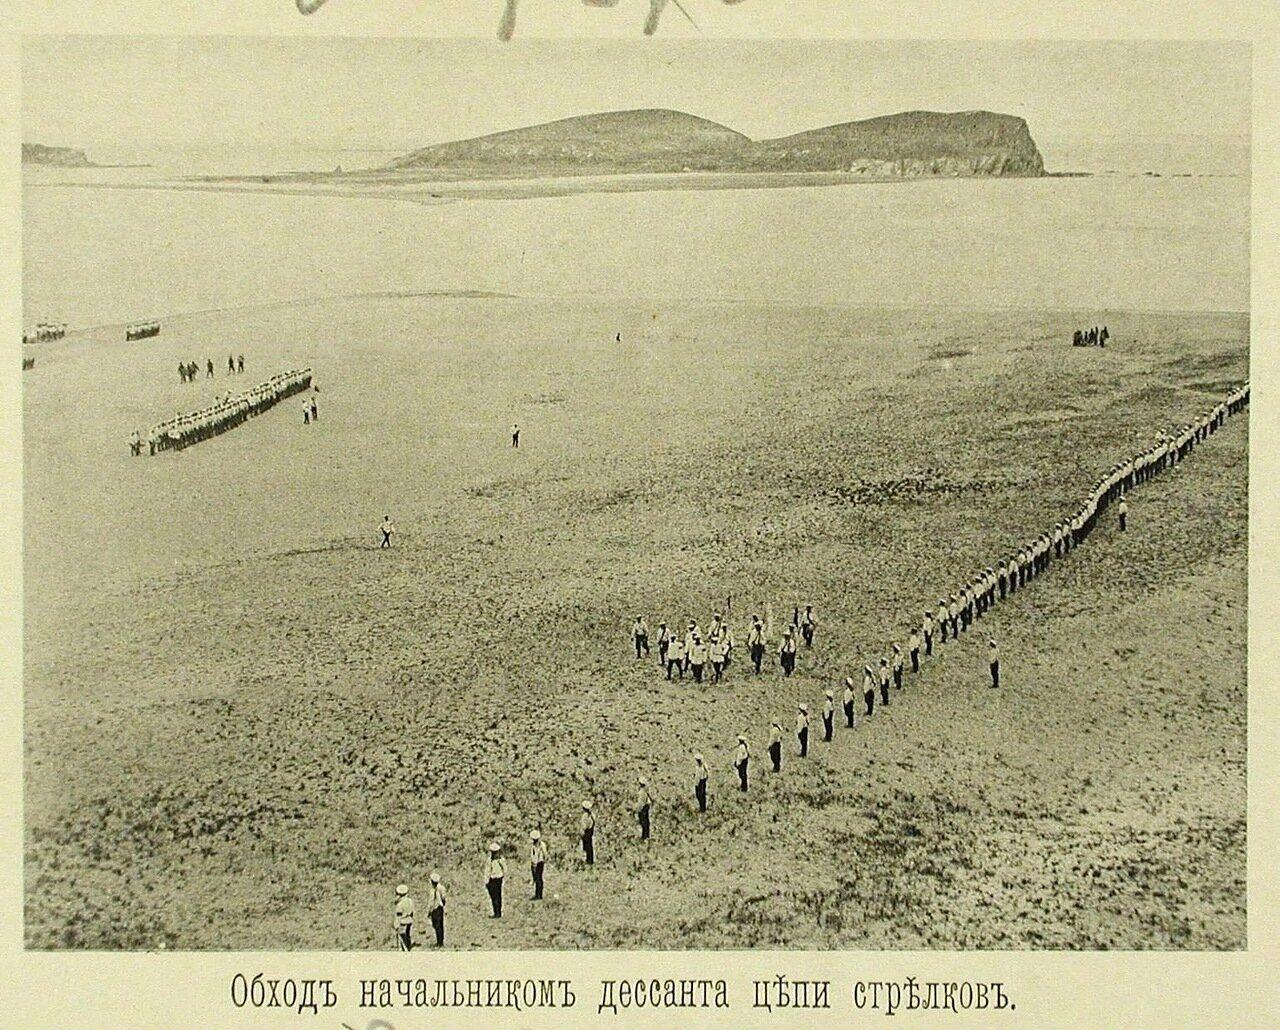 85. Начальник эскадренного десанта и сопровождающие его лица во время обхода цепи стрелков